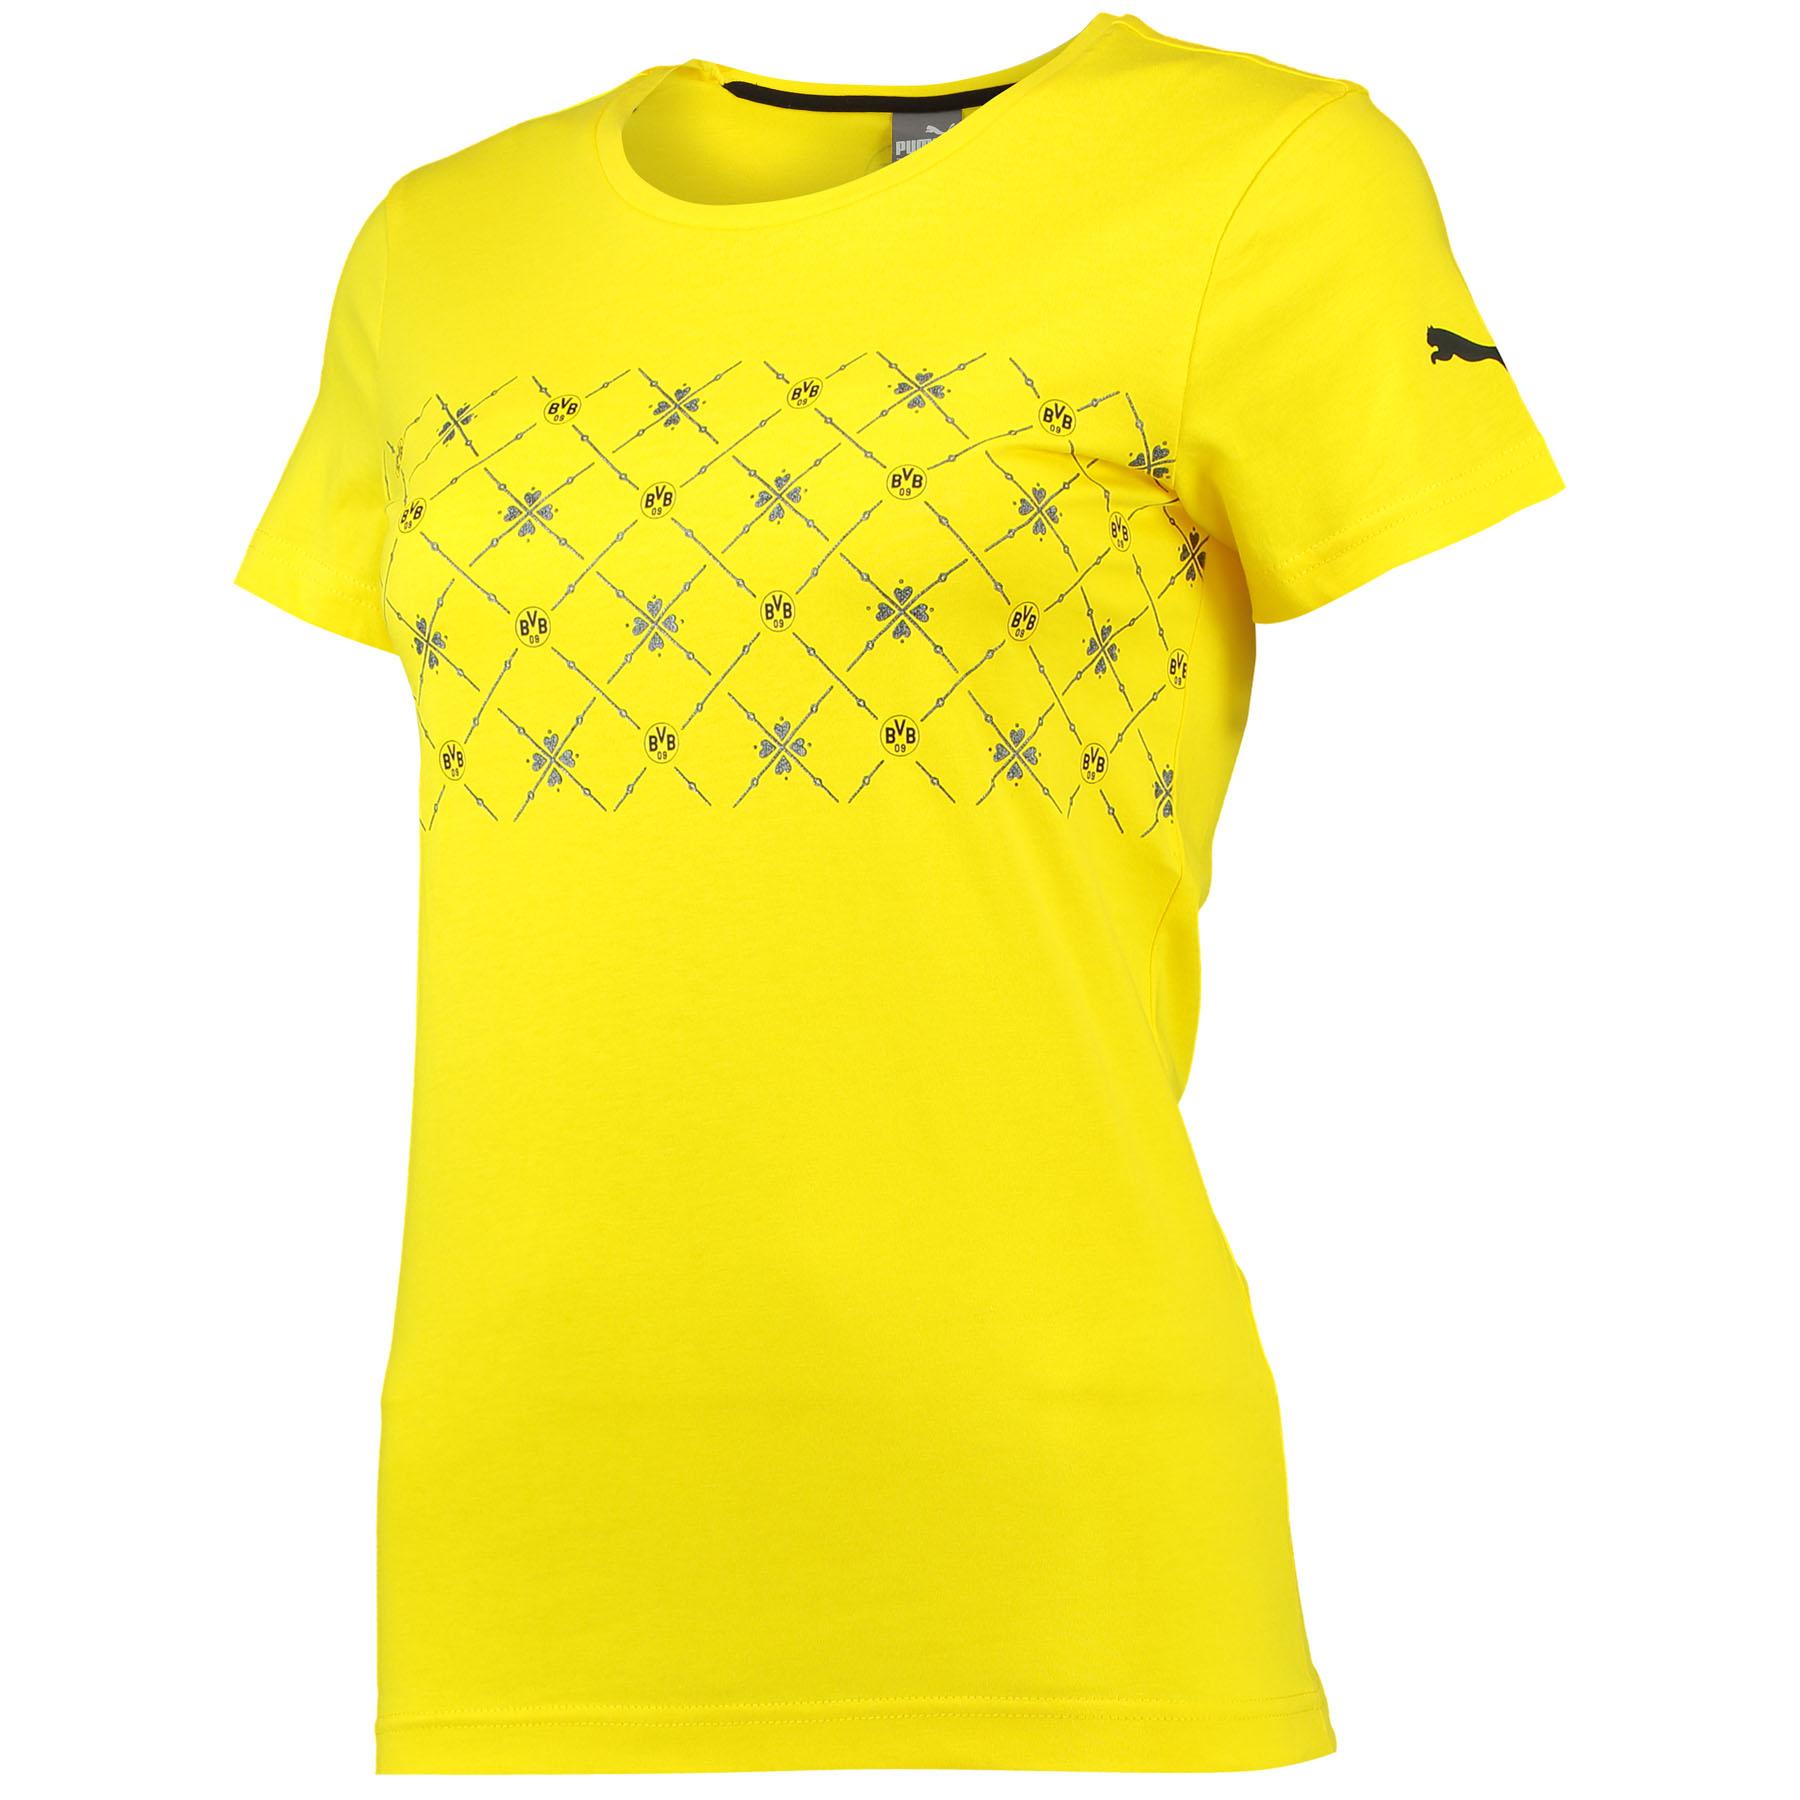 BVB Fan T-Shirt – Womens Yellow